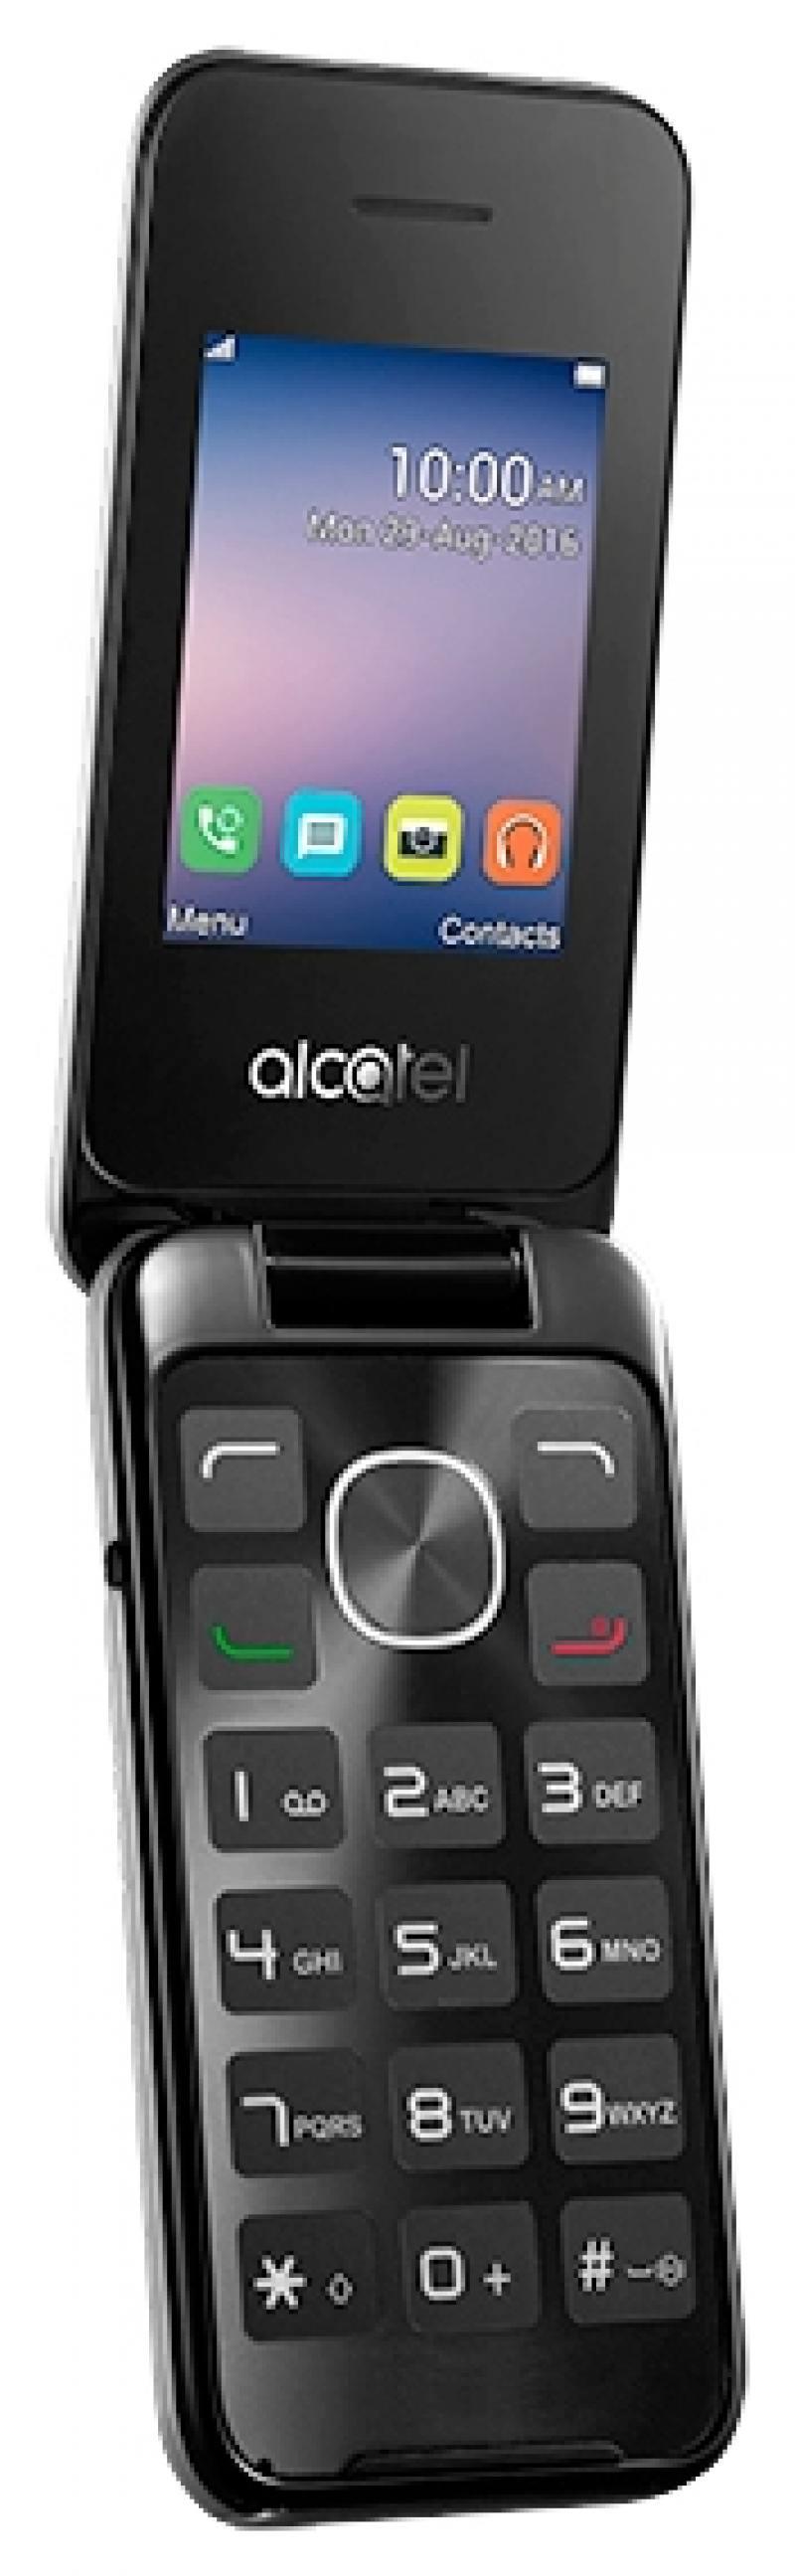 Мобильный телефон Alcatel OneTouch 2051D серебристый раскладной 2Sim 2.4